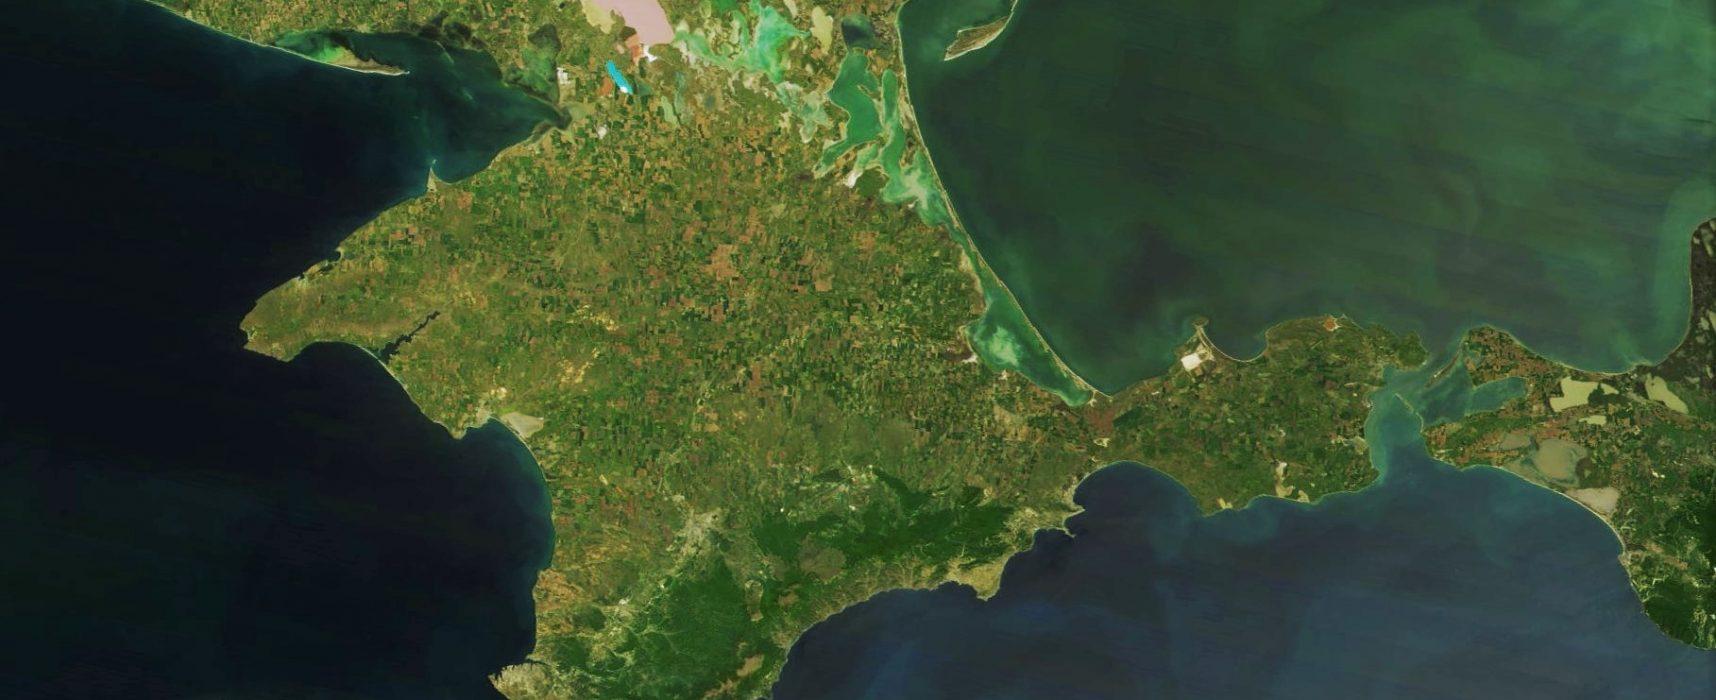 Фейк российских дипломатов и СМИ: доступ в Крым для наблюдателей ООН никто не закрывал